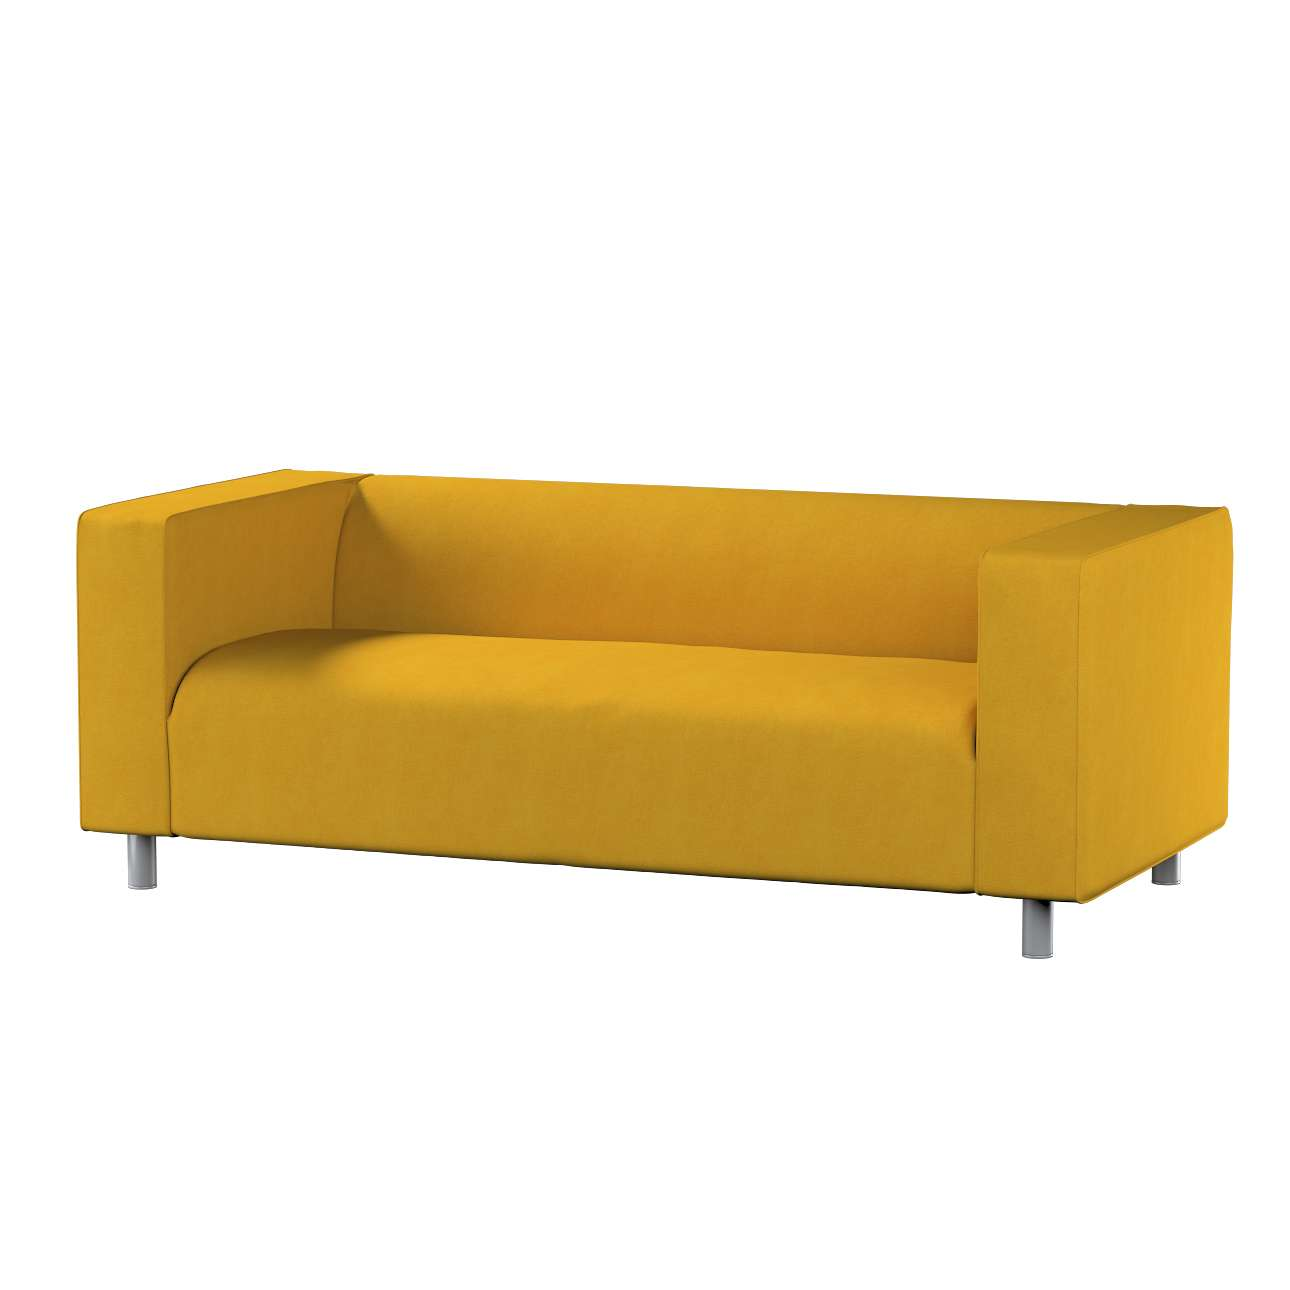 Pokrowiec na sofę Klippan 2-osobową Sofa Klippan 2-osobowa w kolekcji Etna , tkanina: 705-04